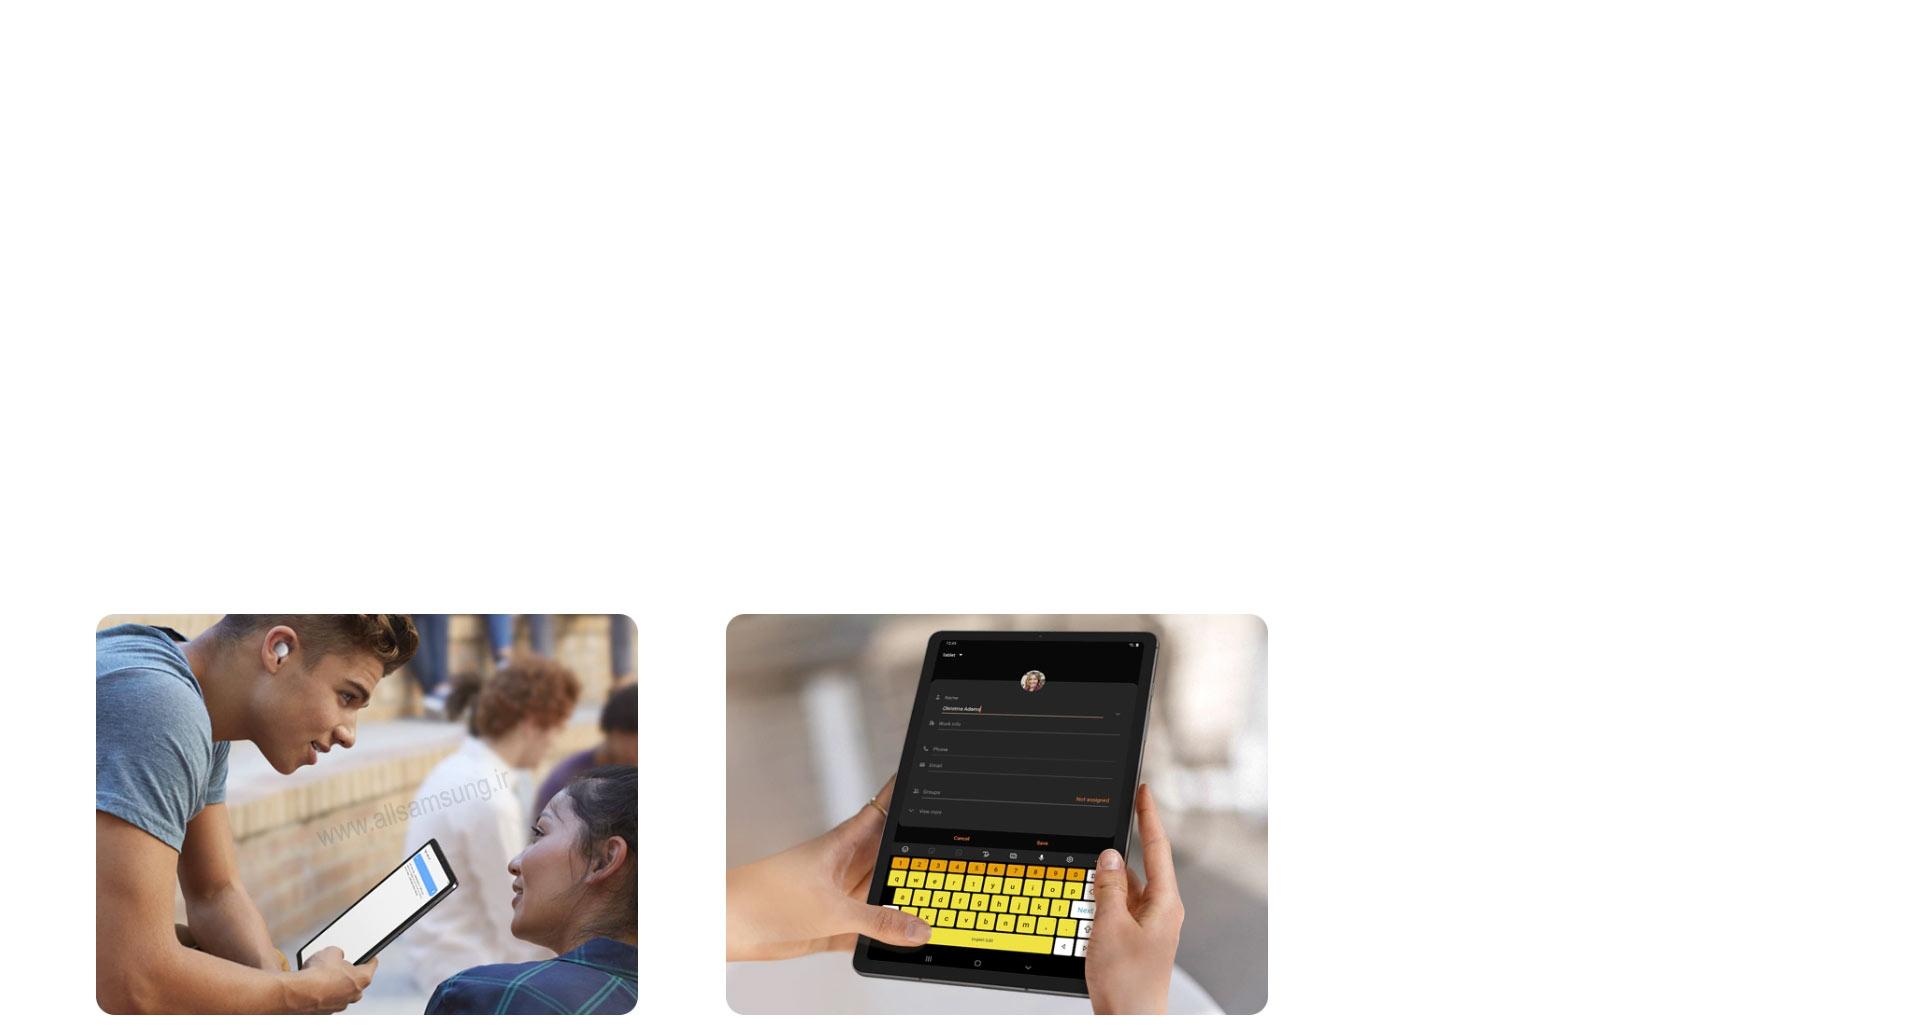 تبلت S6 Lite مناسب برای همه افراد